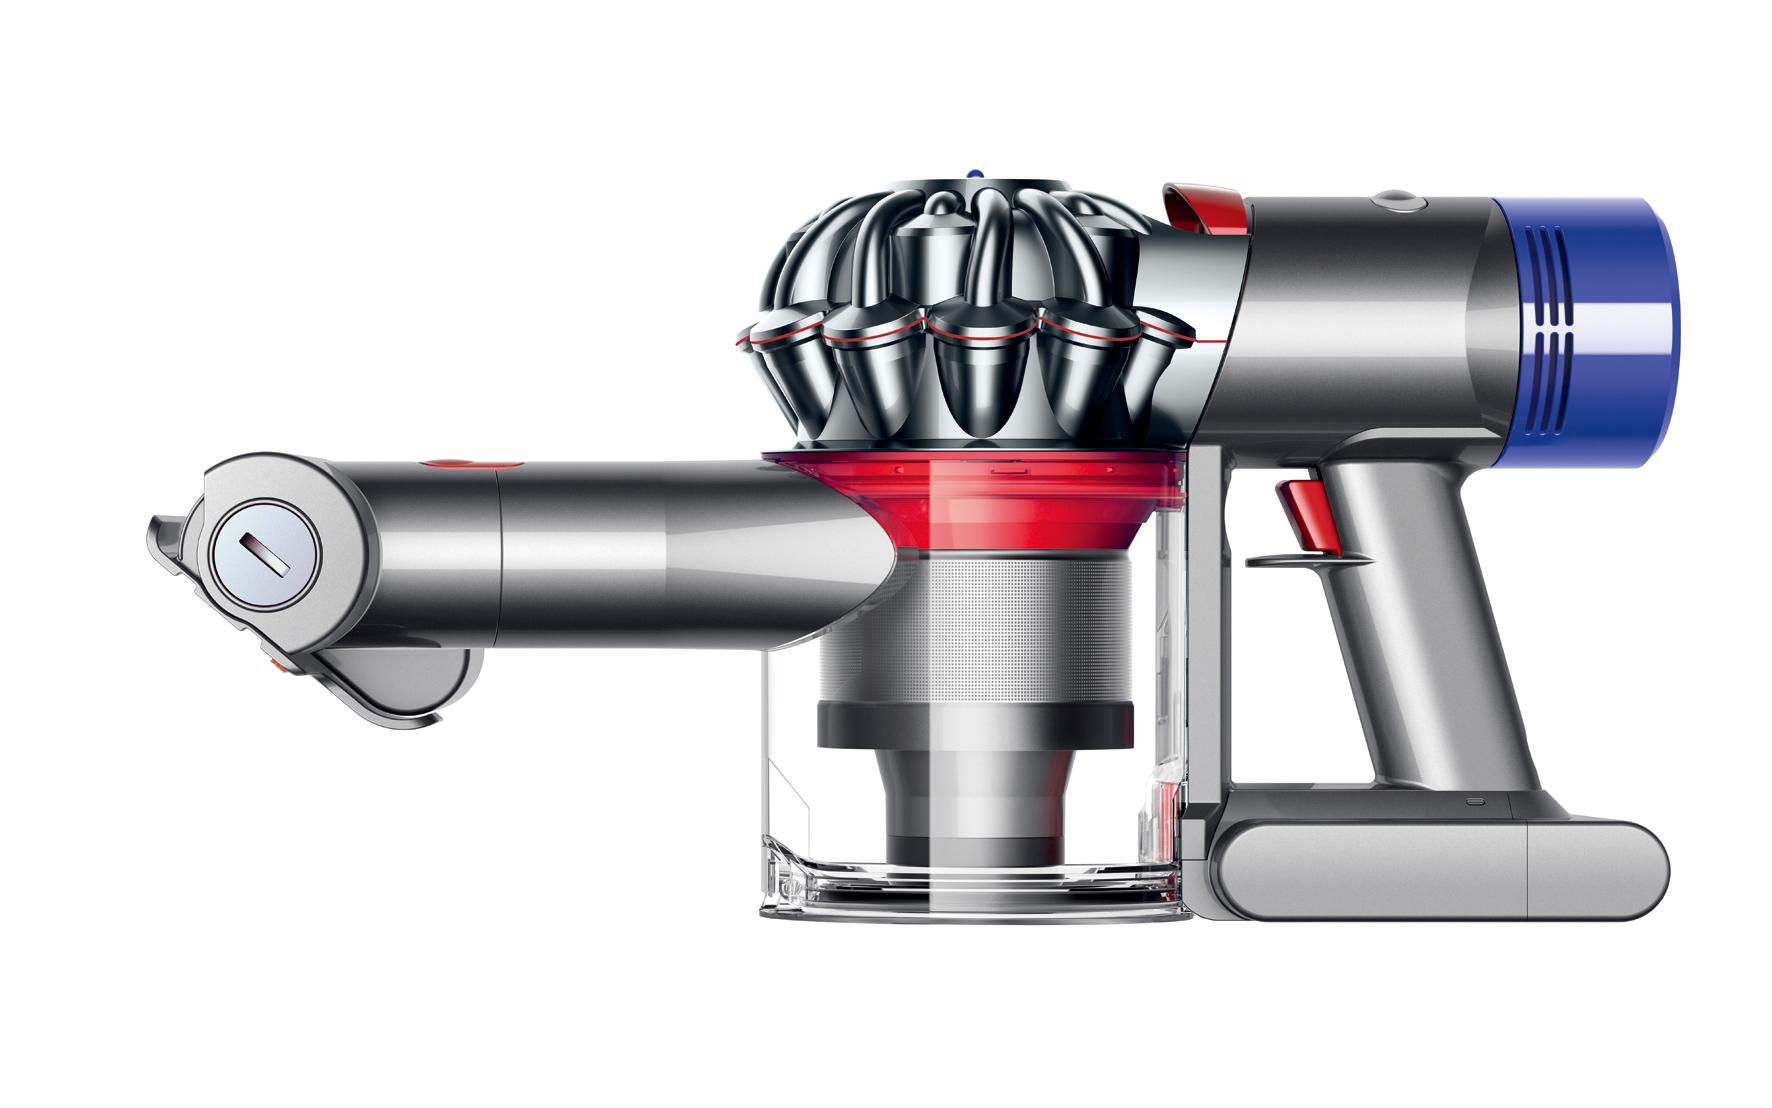 【ダイソン】Dyson V7 Triggerpro 約14.4×40.4×高さ20.6cm(約1.76kg) アイアン/ニッケル